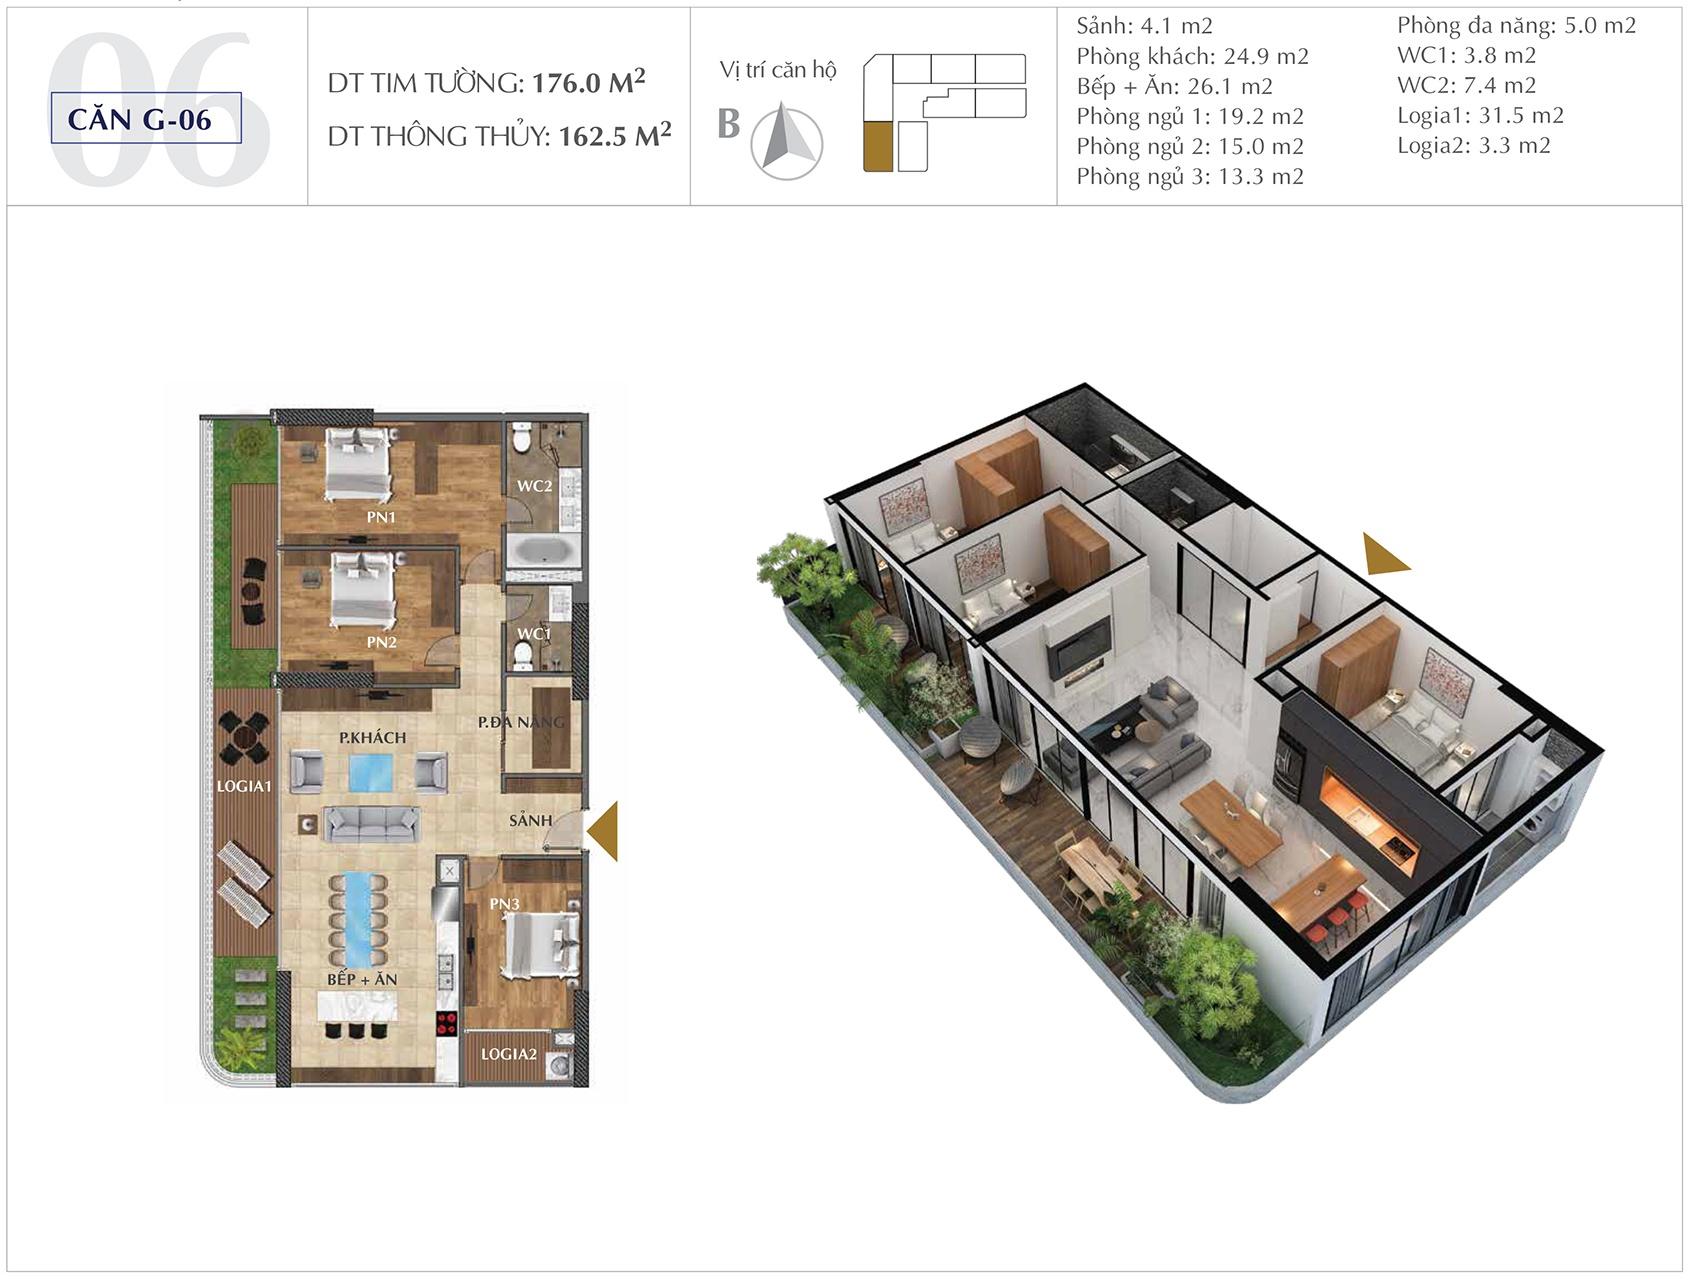 Thiết kế căn hộ G-06